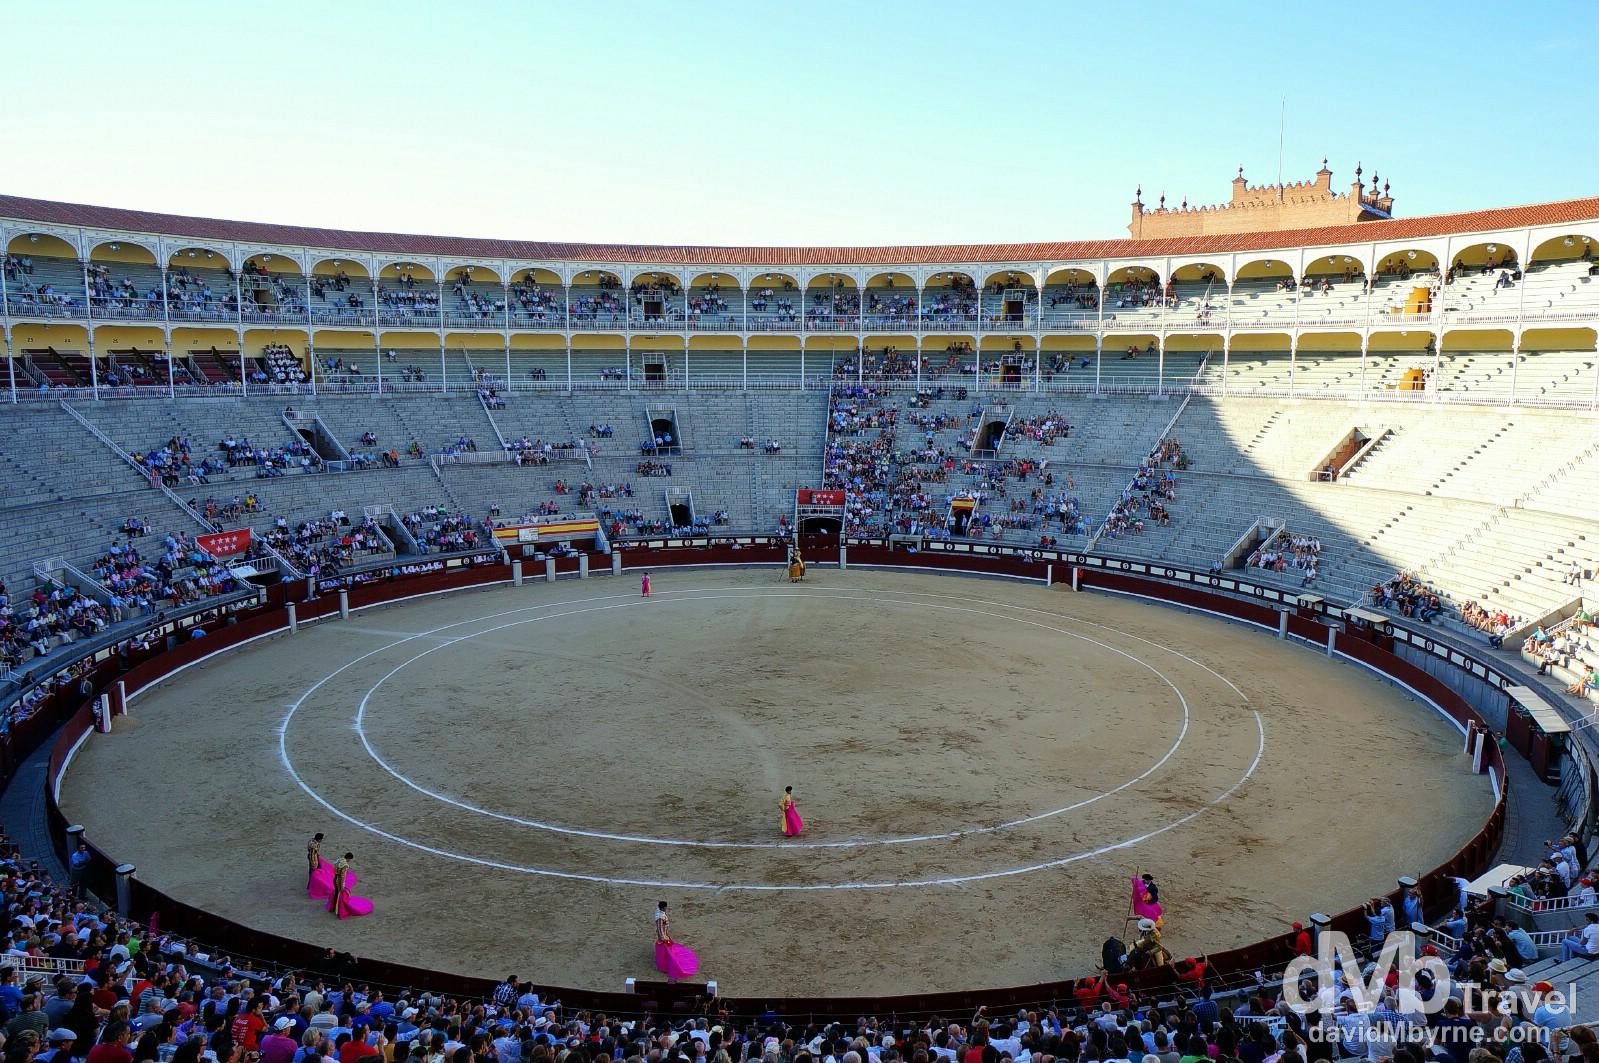 Plaza de Toros bullring, Las Ventas, Madrid, Spain. June 15th, 2014.